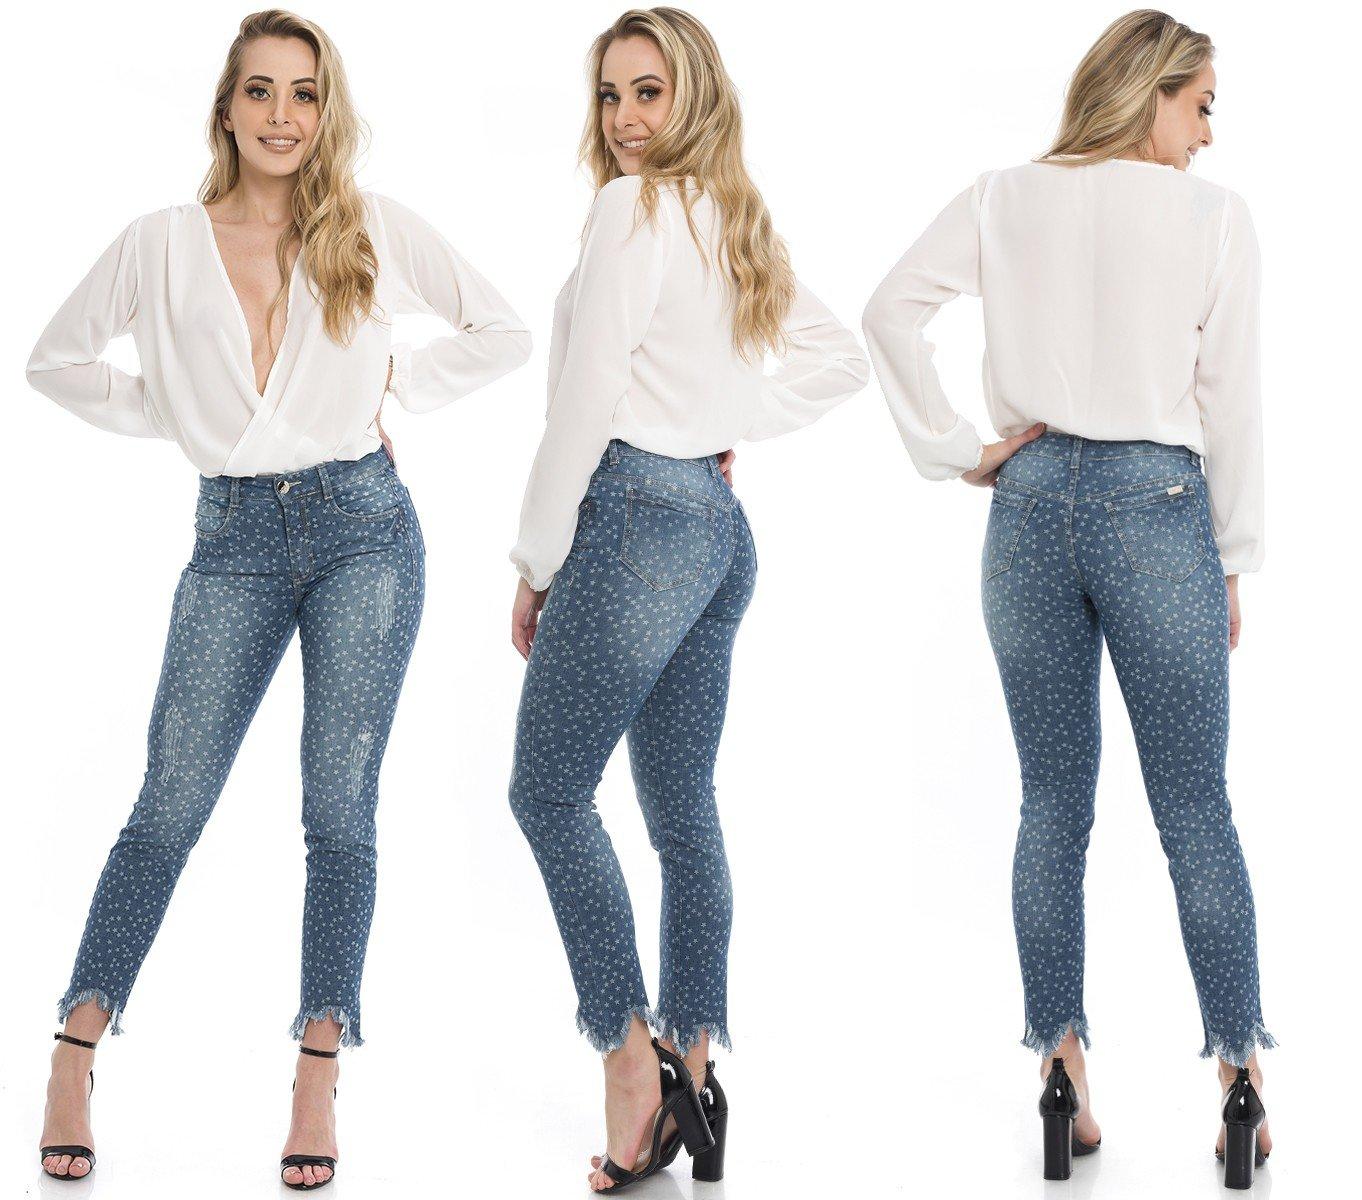 1212006 Calça Jeans Feminina Skinny Star com Barra Assimétrica (Completa)